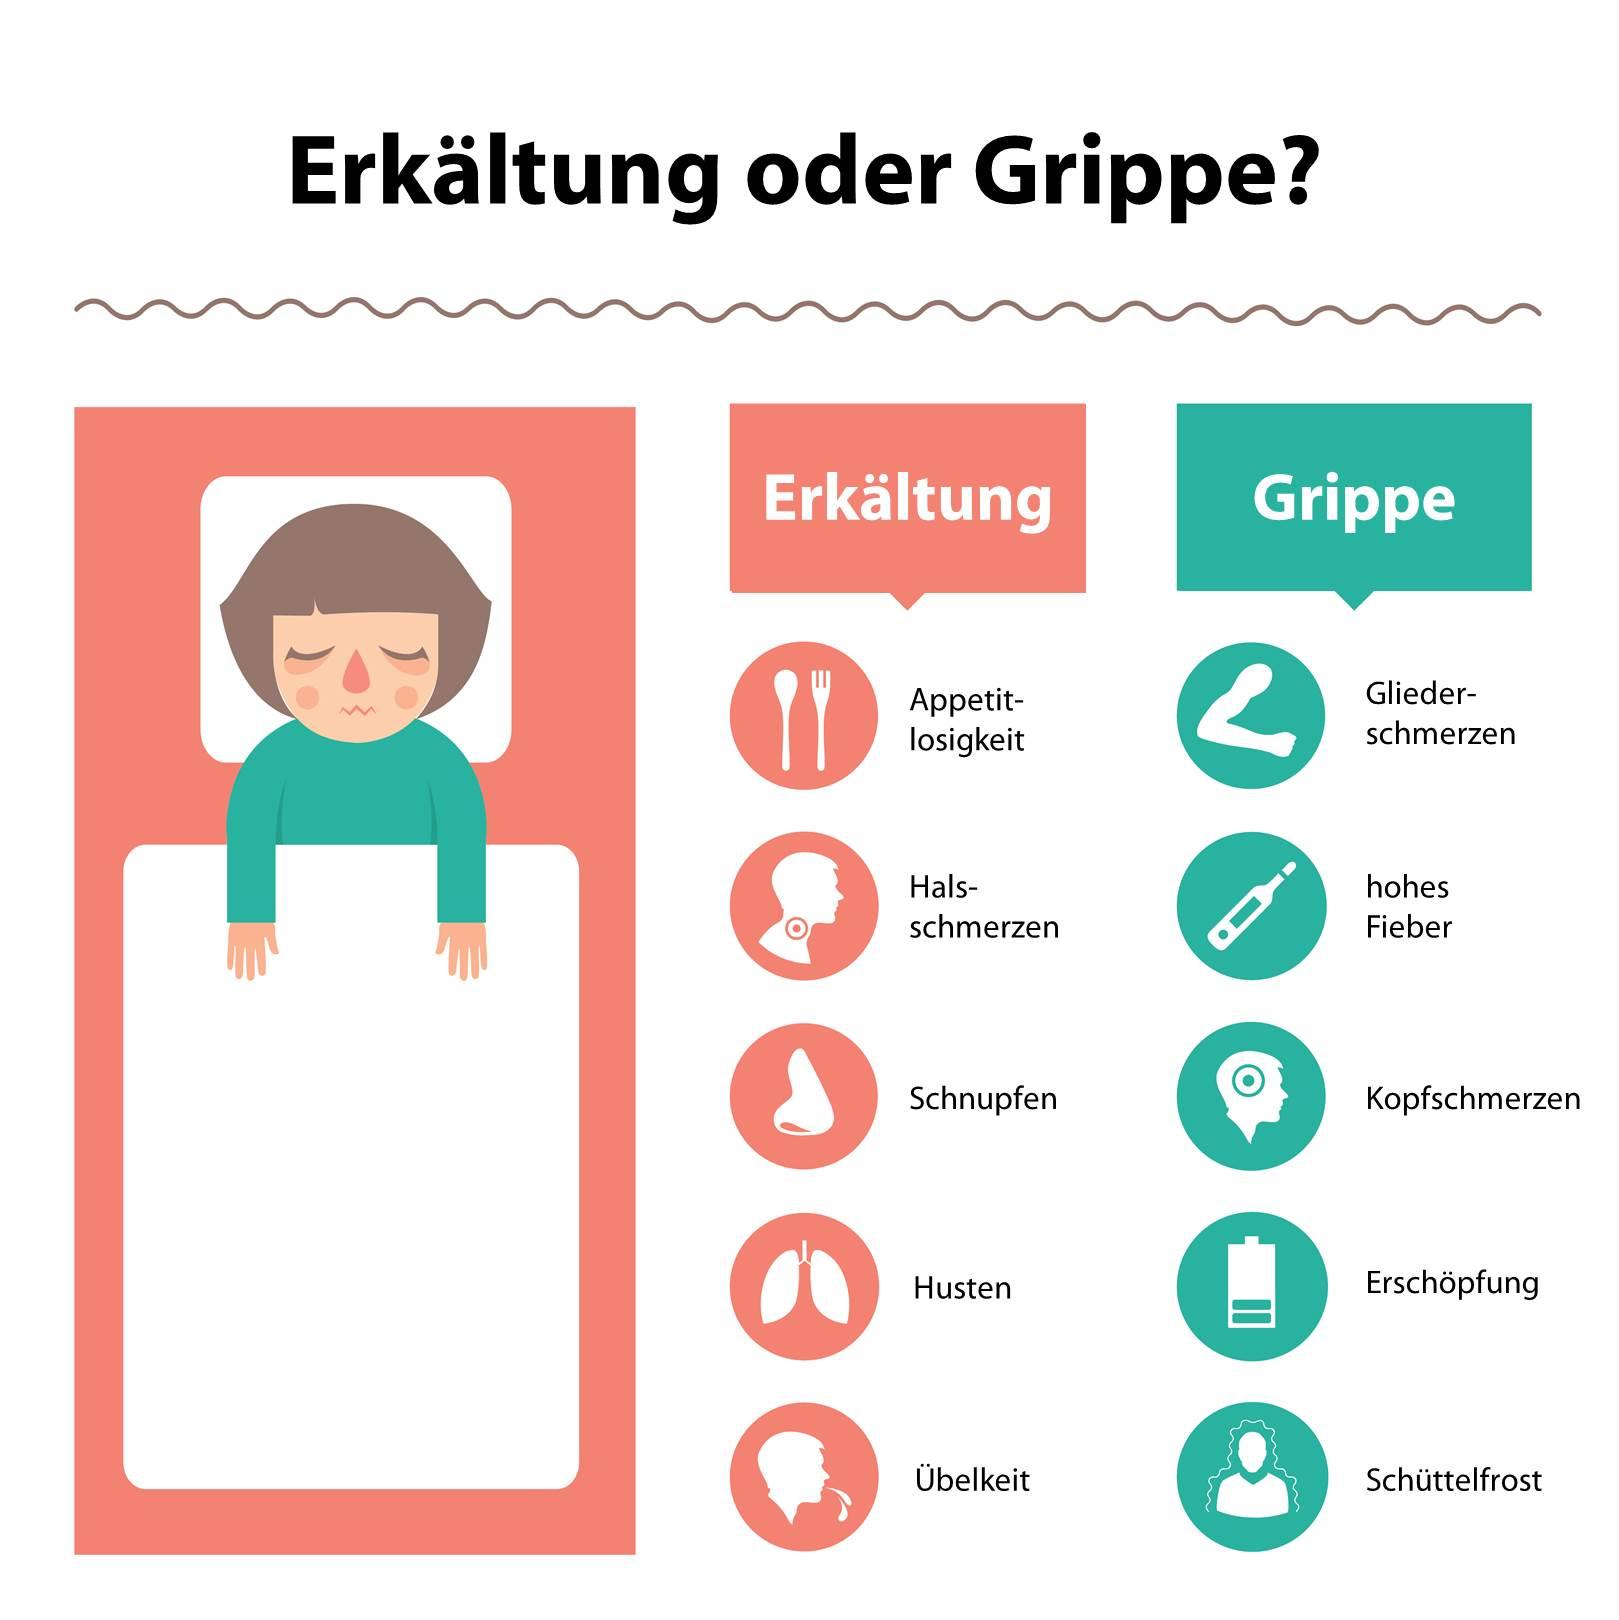 Grafik einer Frau die im Bett liegt mit Aufzählung von Symptomen